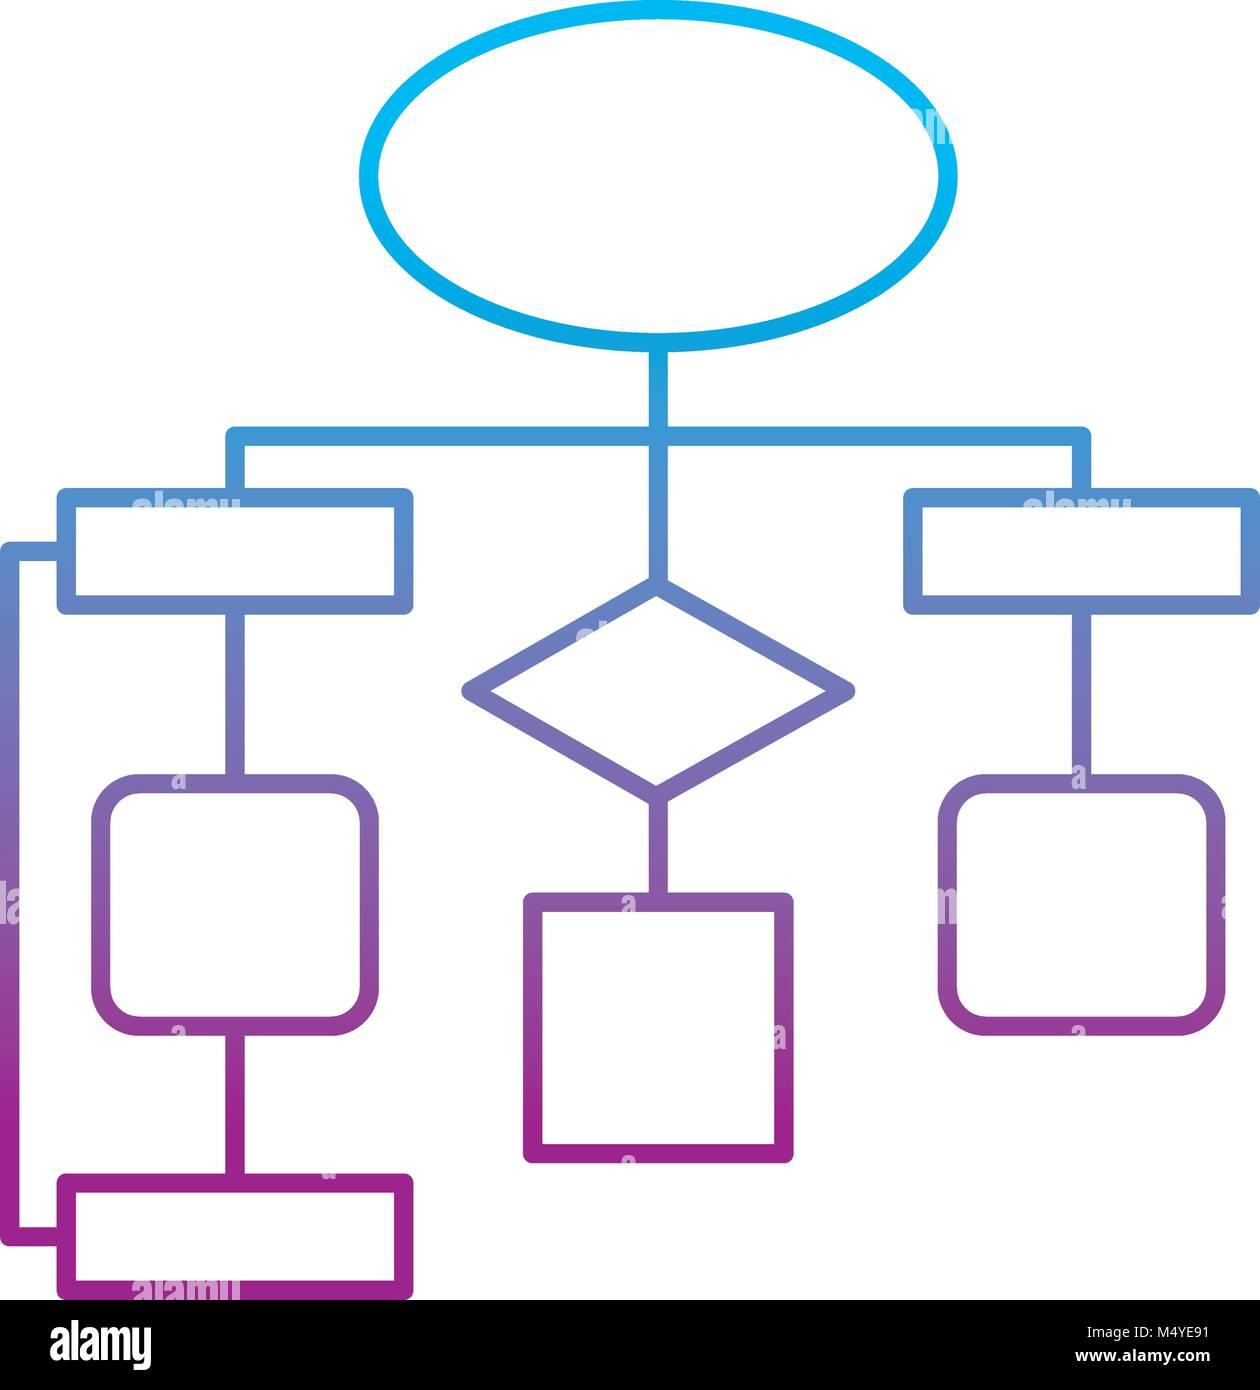 Flowchart diagram imgenes de stock flowchart diagram fotos de diagrama de flujo diagrama de conexin vaco imagen de stock ccuart Image collections